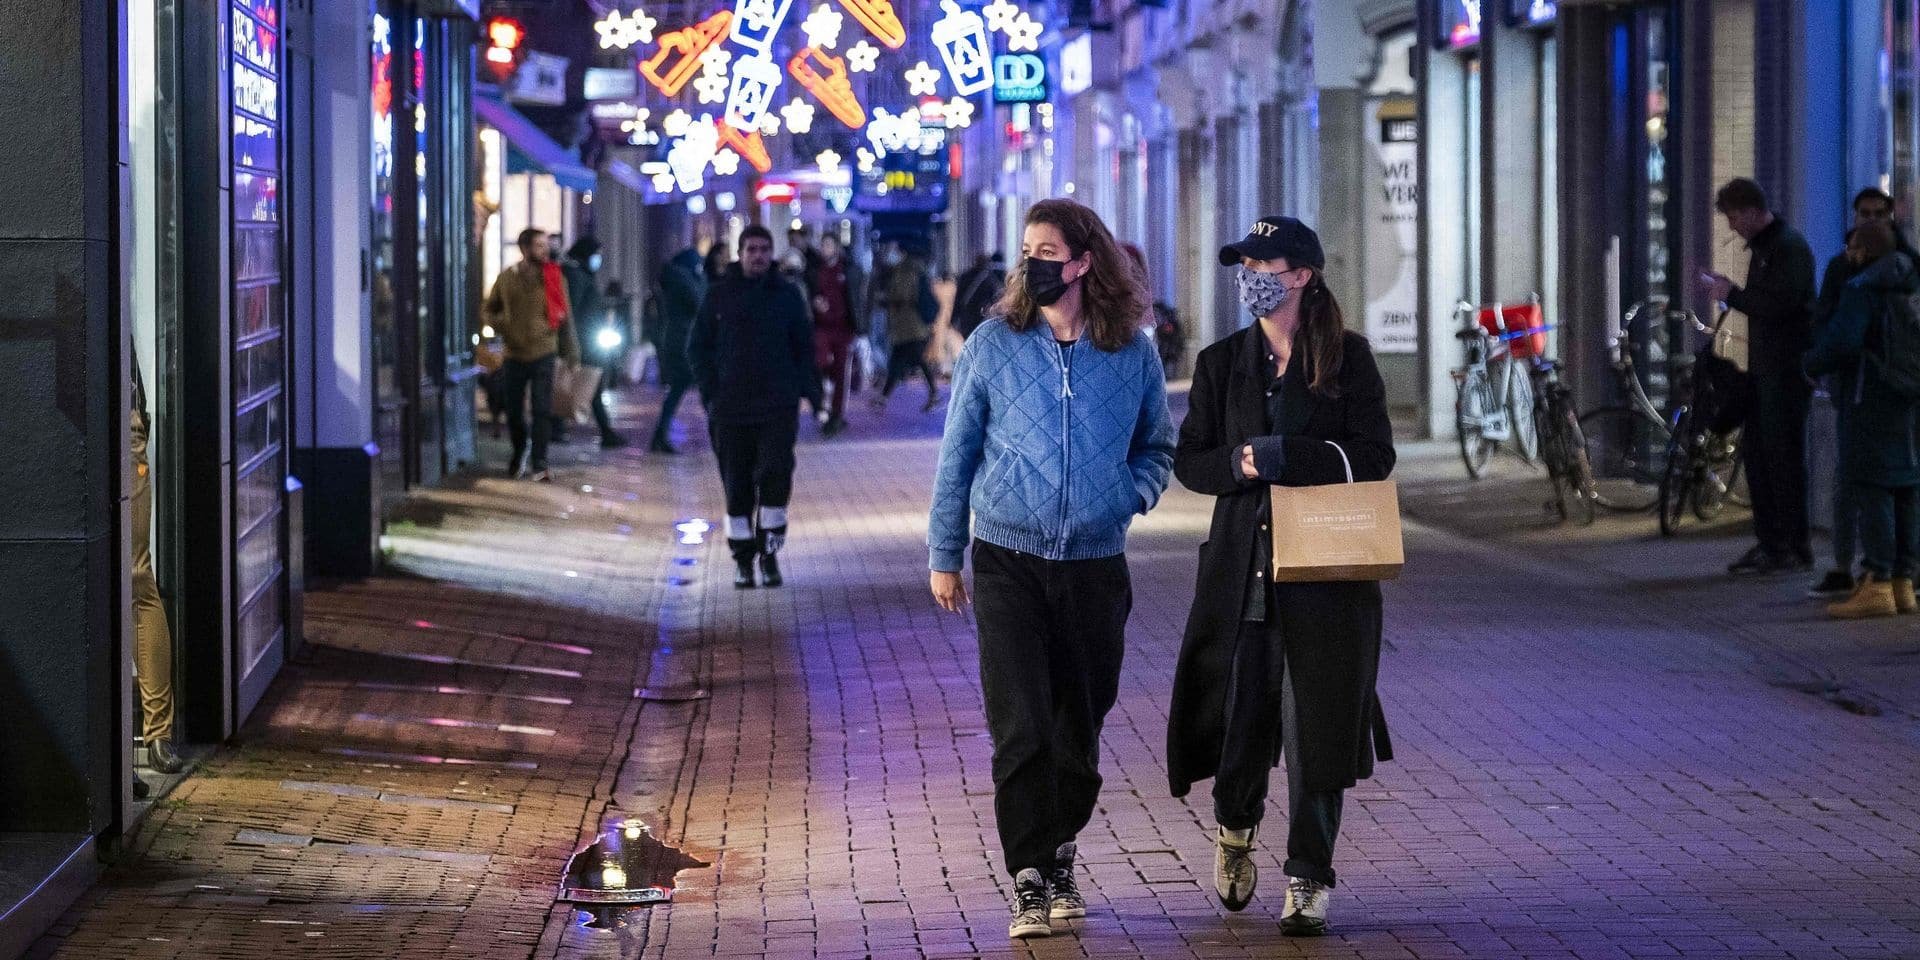 Fermeture des magasins, des écoles, des salons de coiffure... Vers un lockdown strict aux Pays-Bas jusqu'au 19 janvier